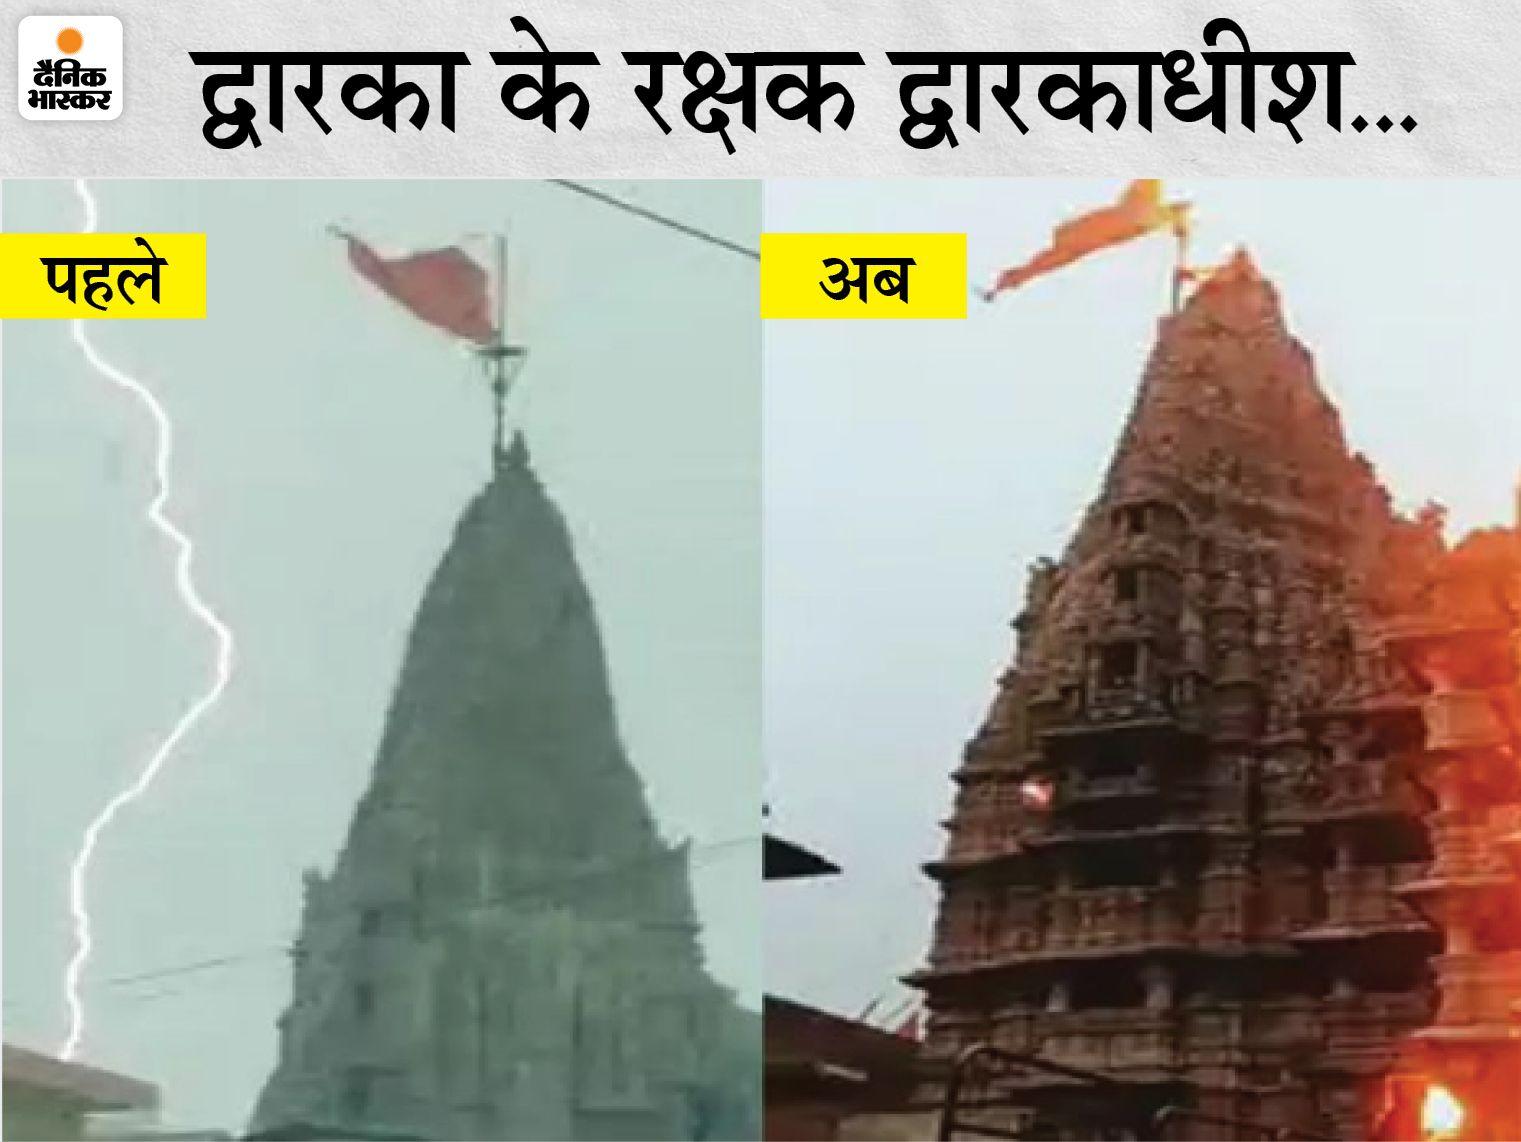 द्वारकाधीश मंदिर की बिजली गिरने के पहले और बाद की फोटो। दूसरी फोटो में बिजली गिरने के बाद मंदिर की दीवार काली दिखाई दे रही है।